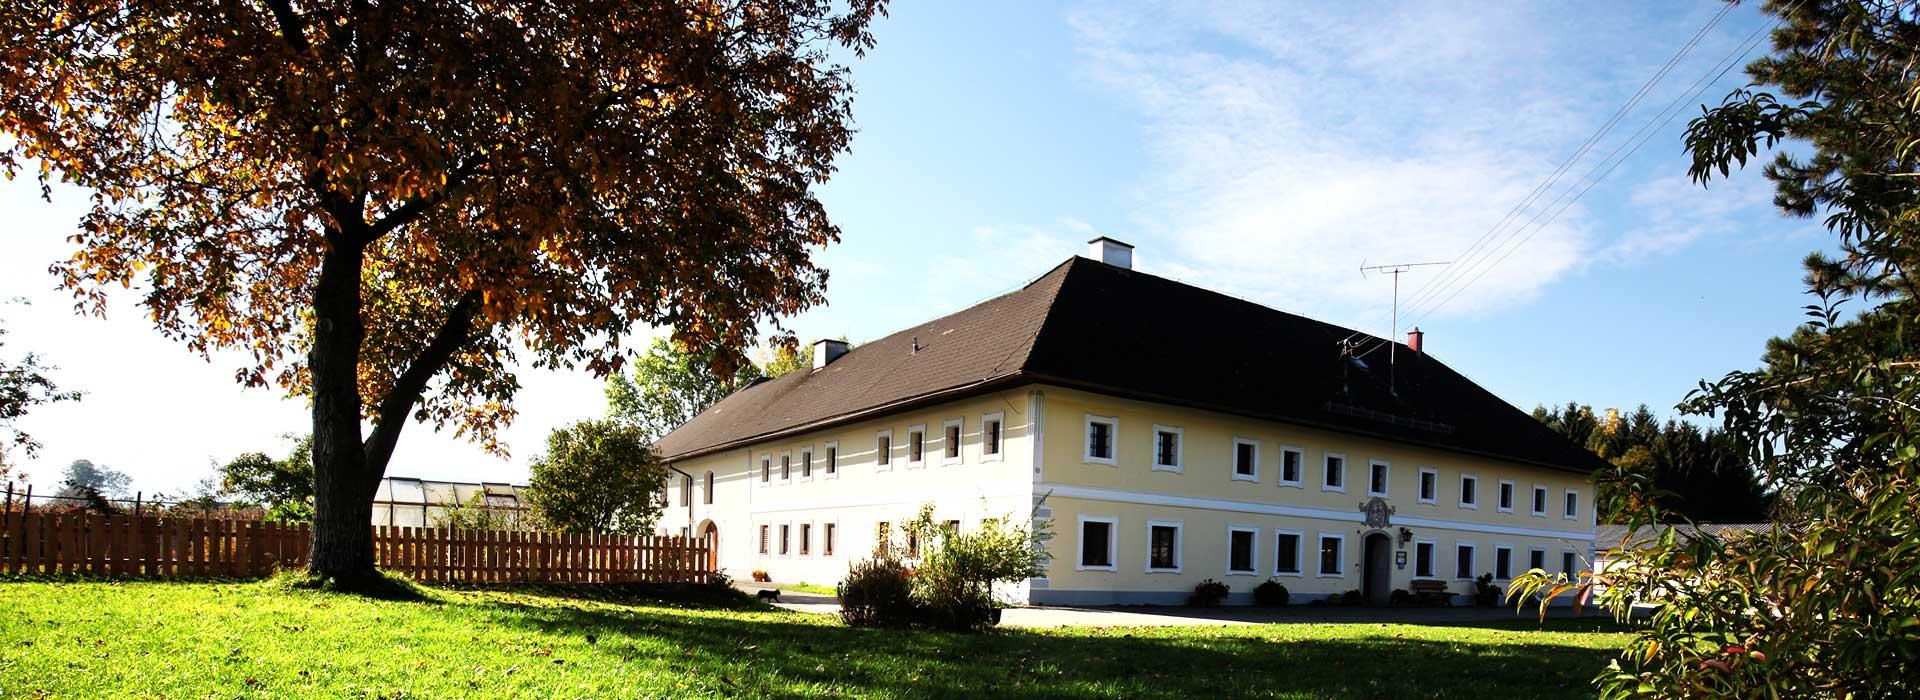 biohof-tragler-pettenbach